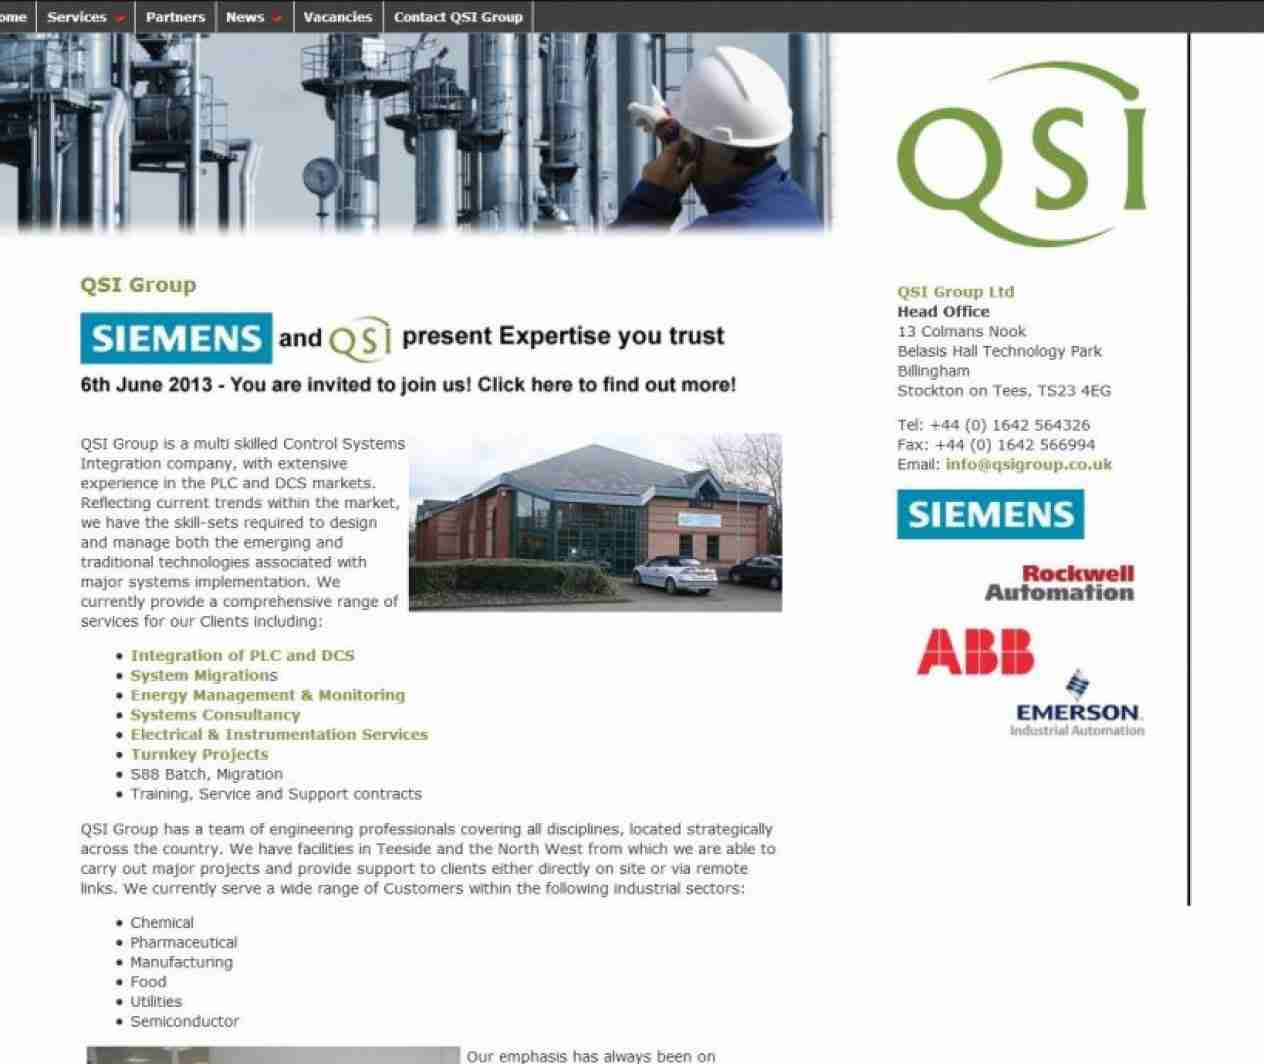 QSI Group